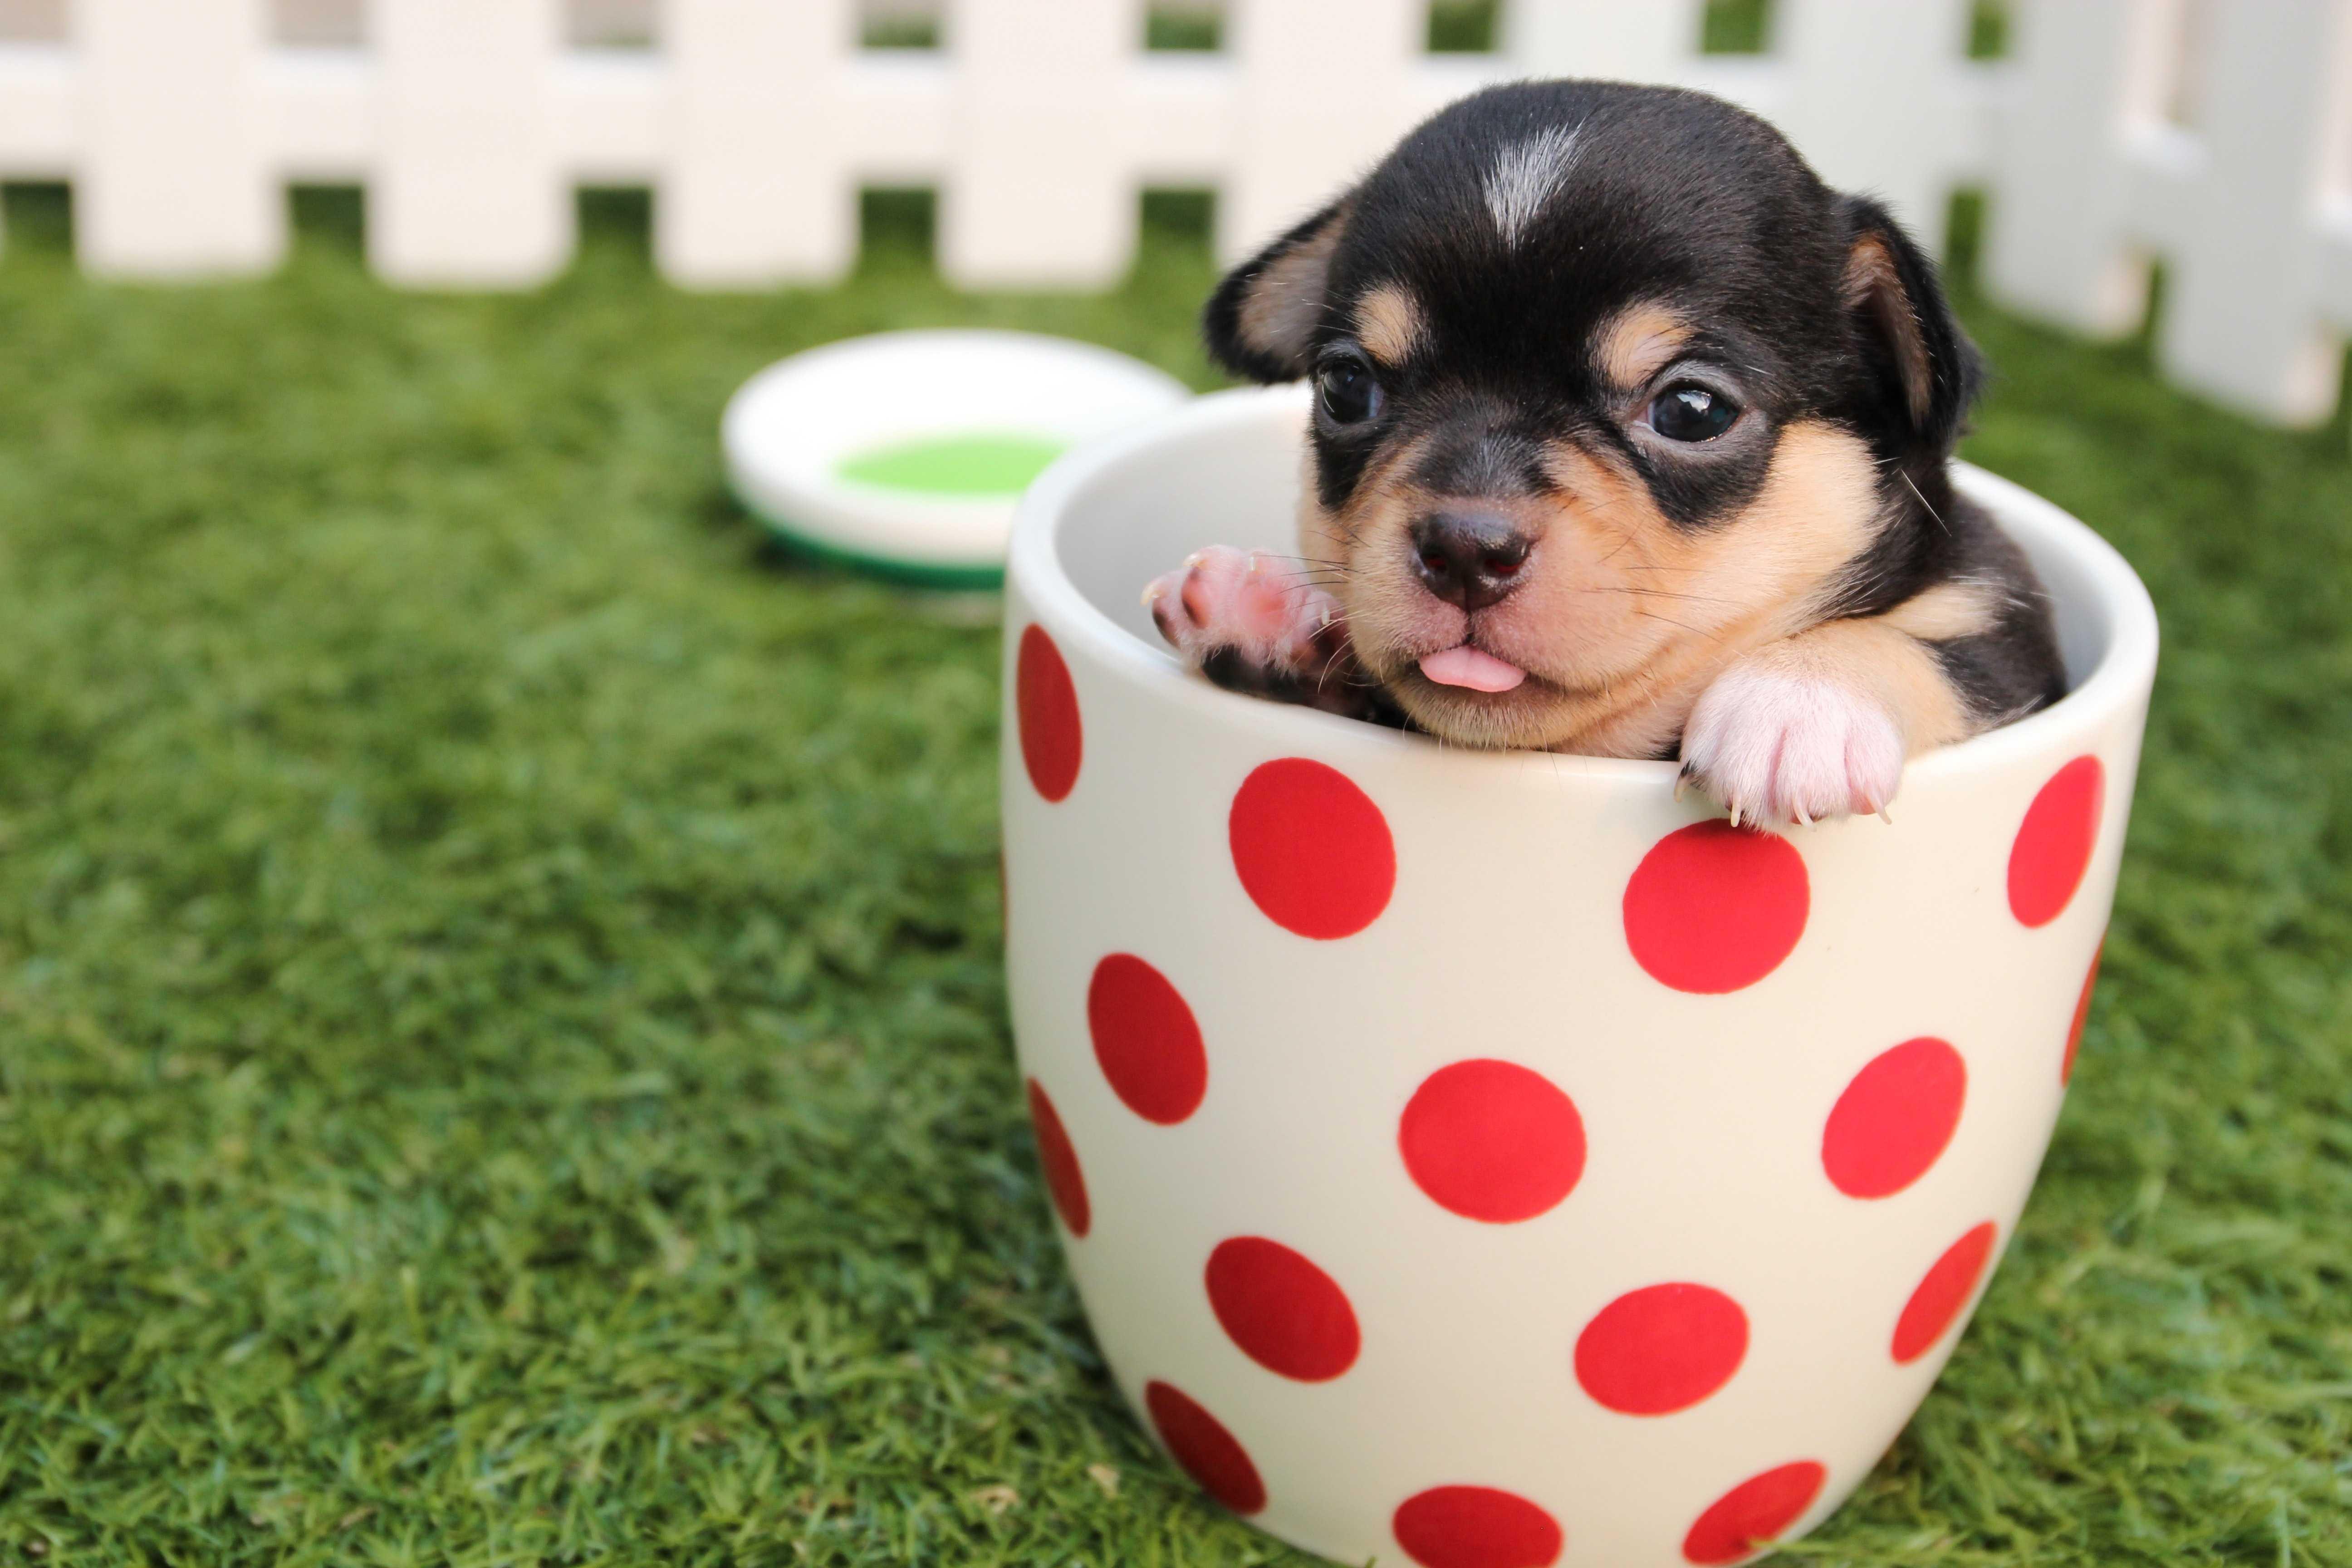 カップに入った犬の画像